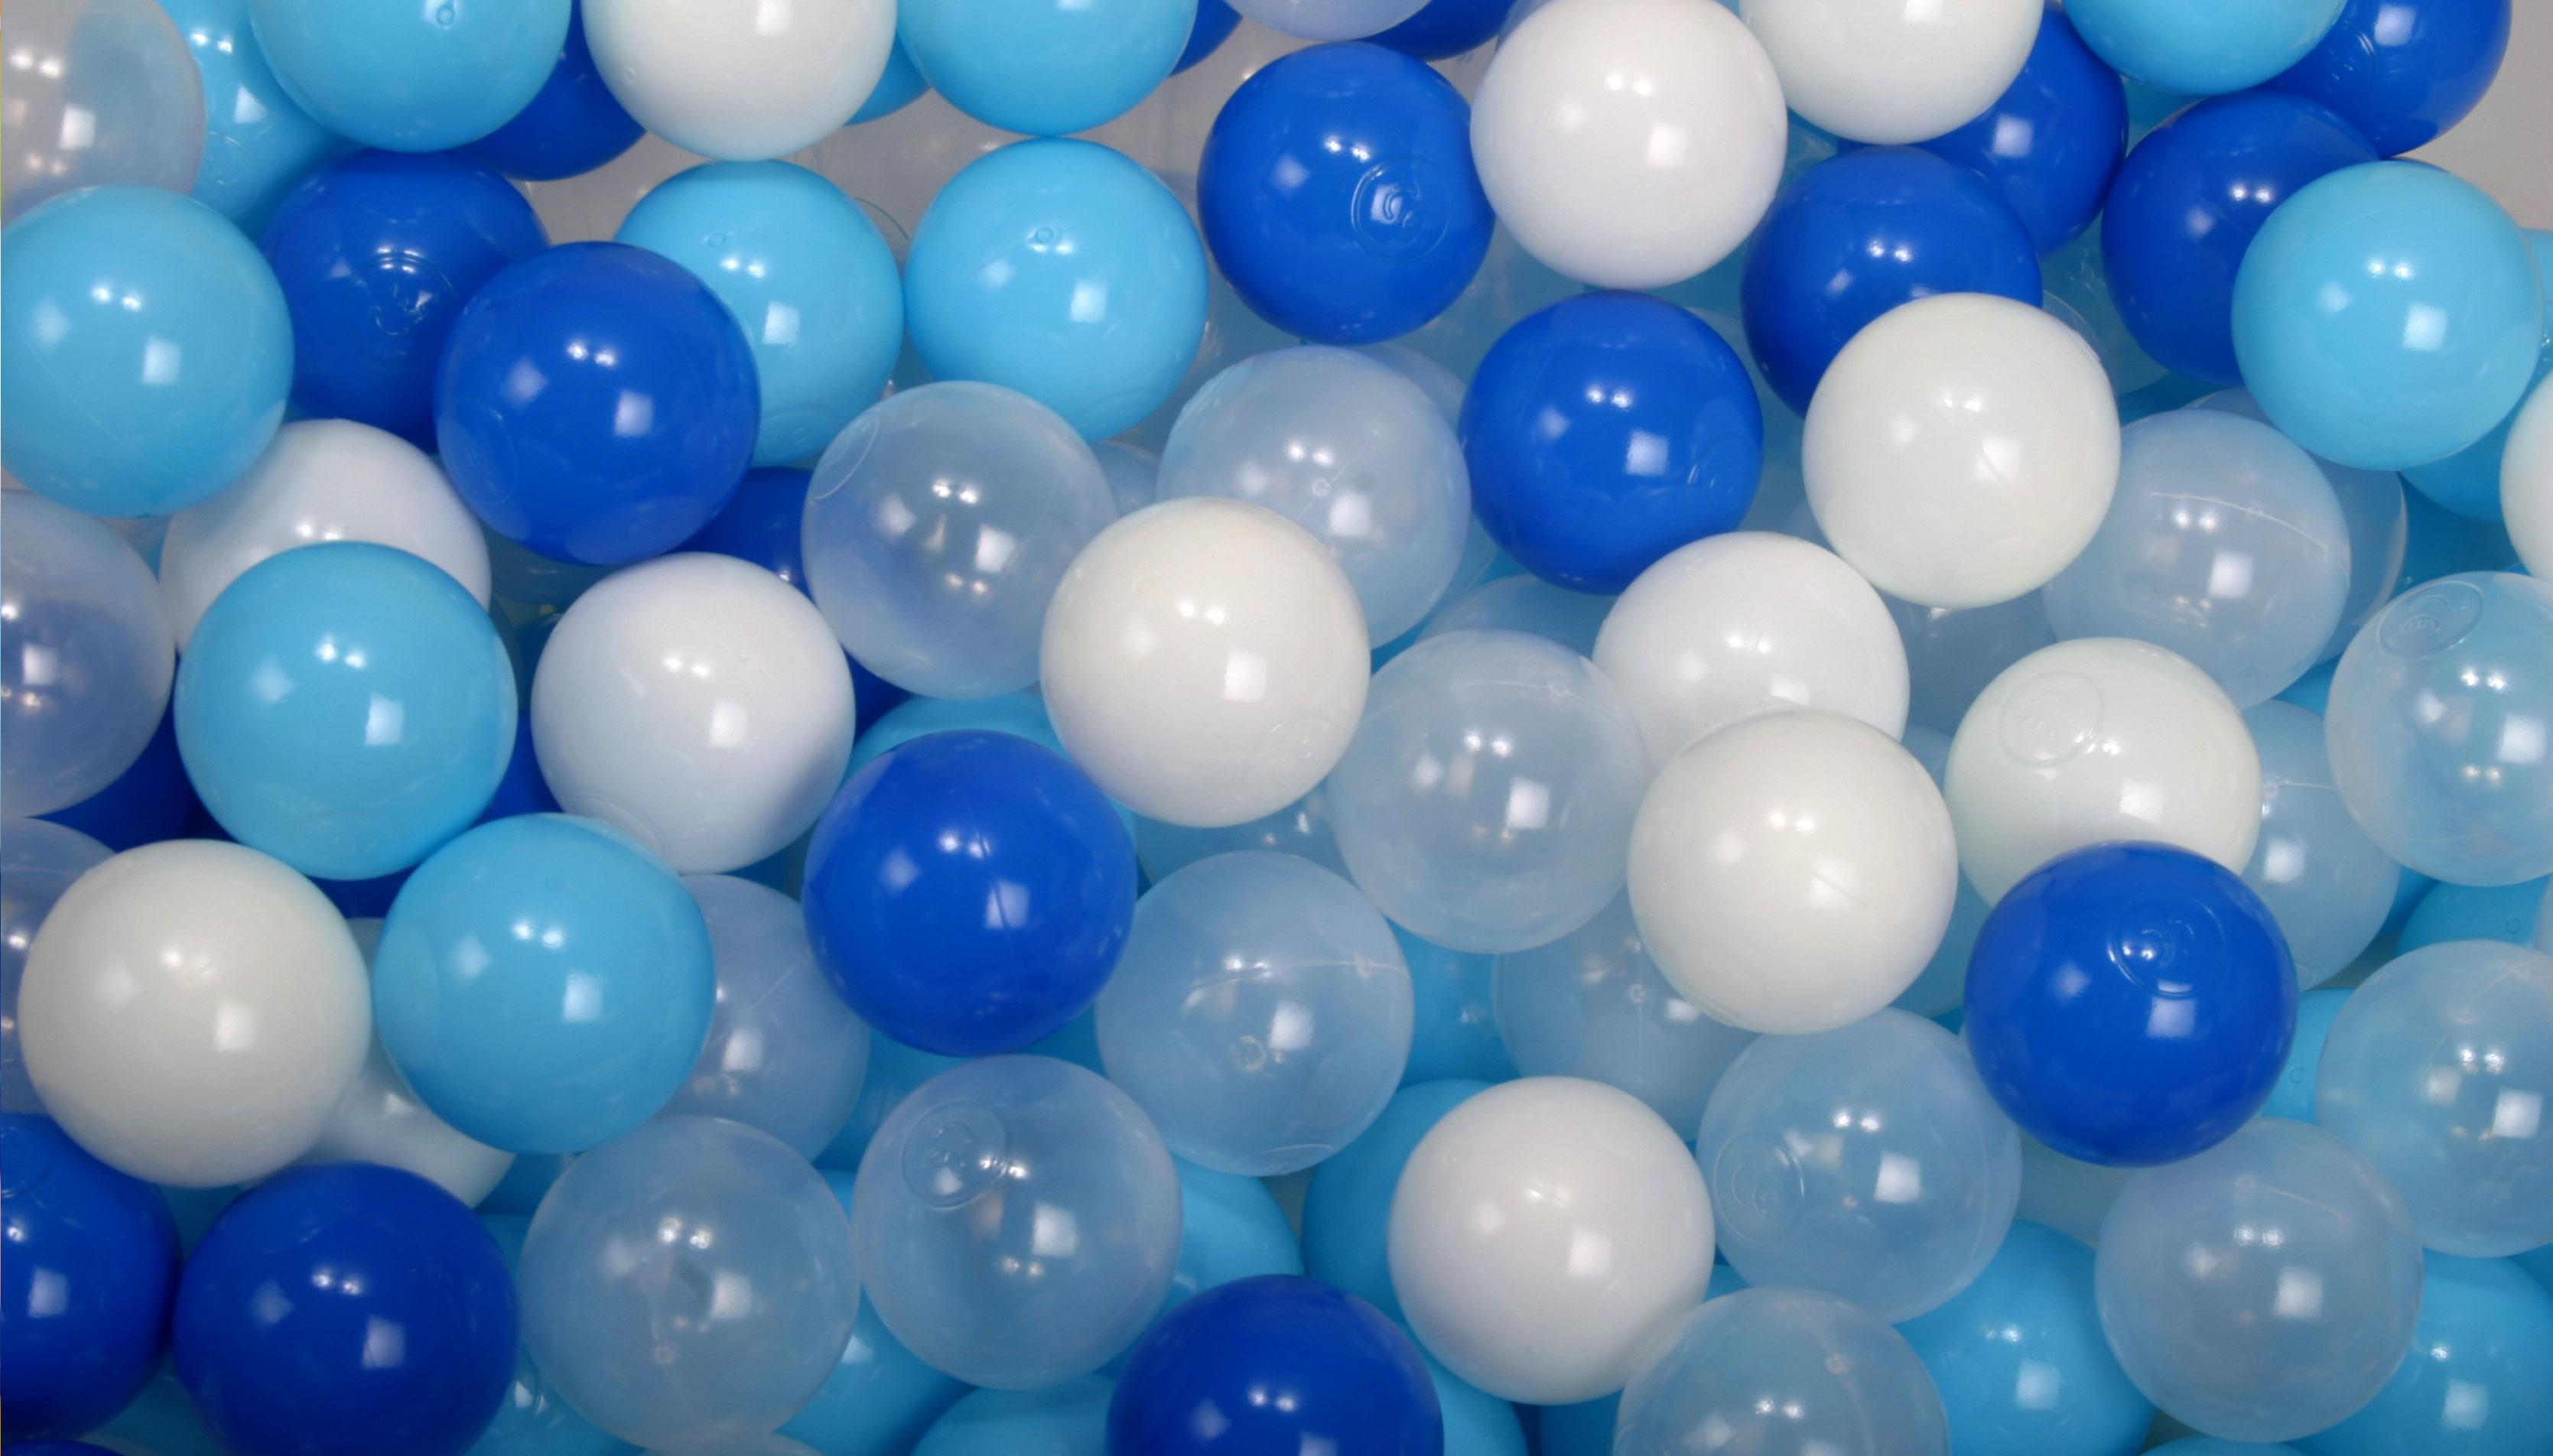 ボールプール用カラーボール 青ミックス